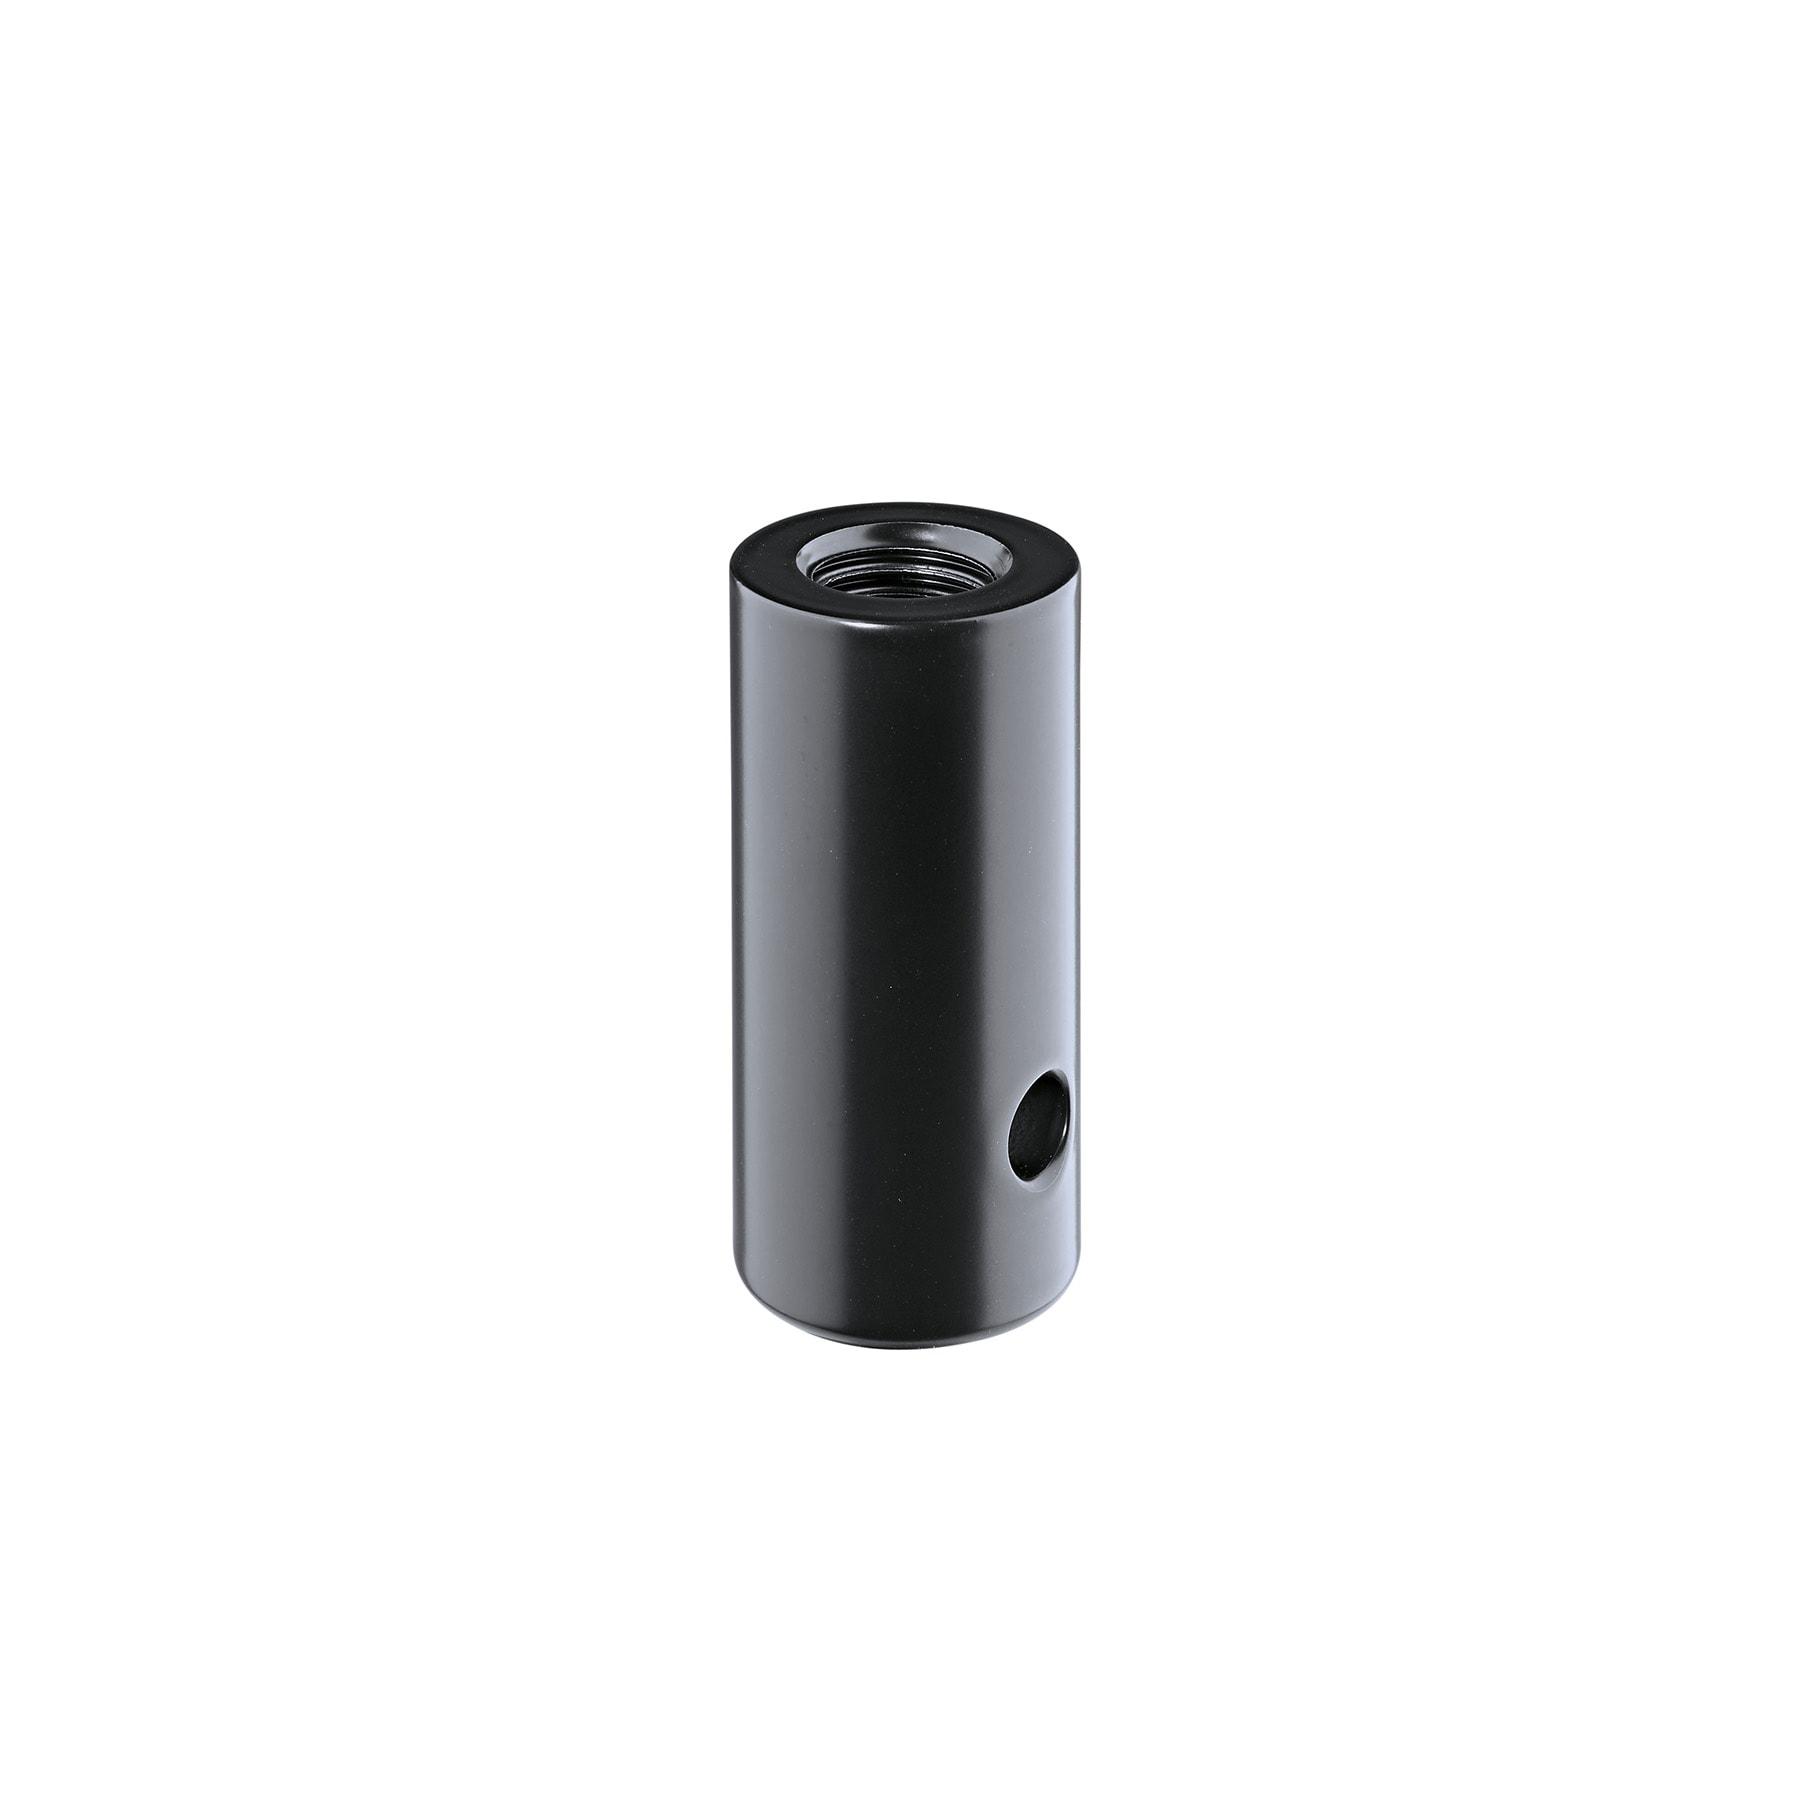 KM21324 - Adapter bolt